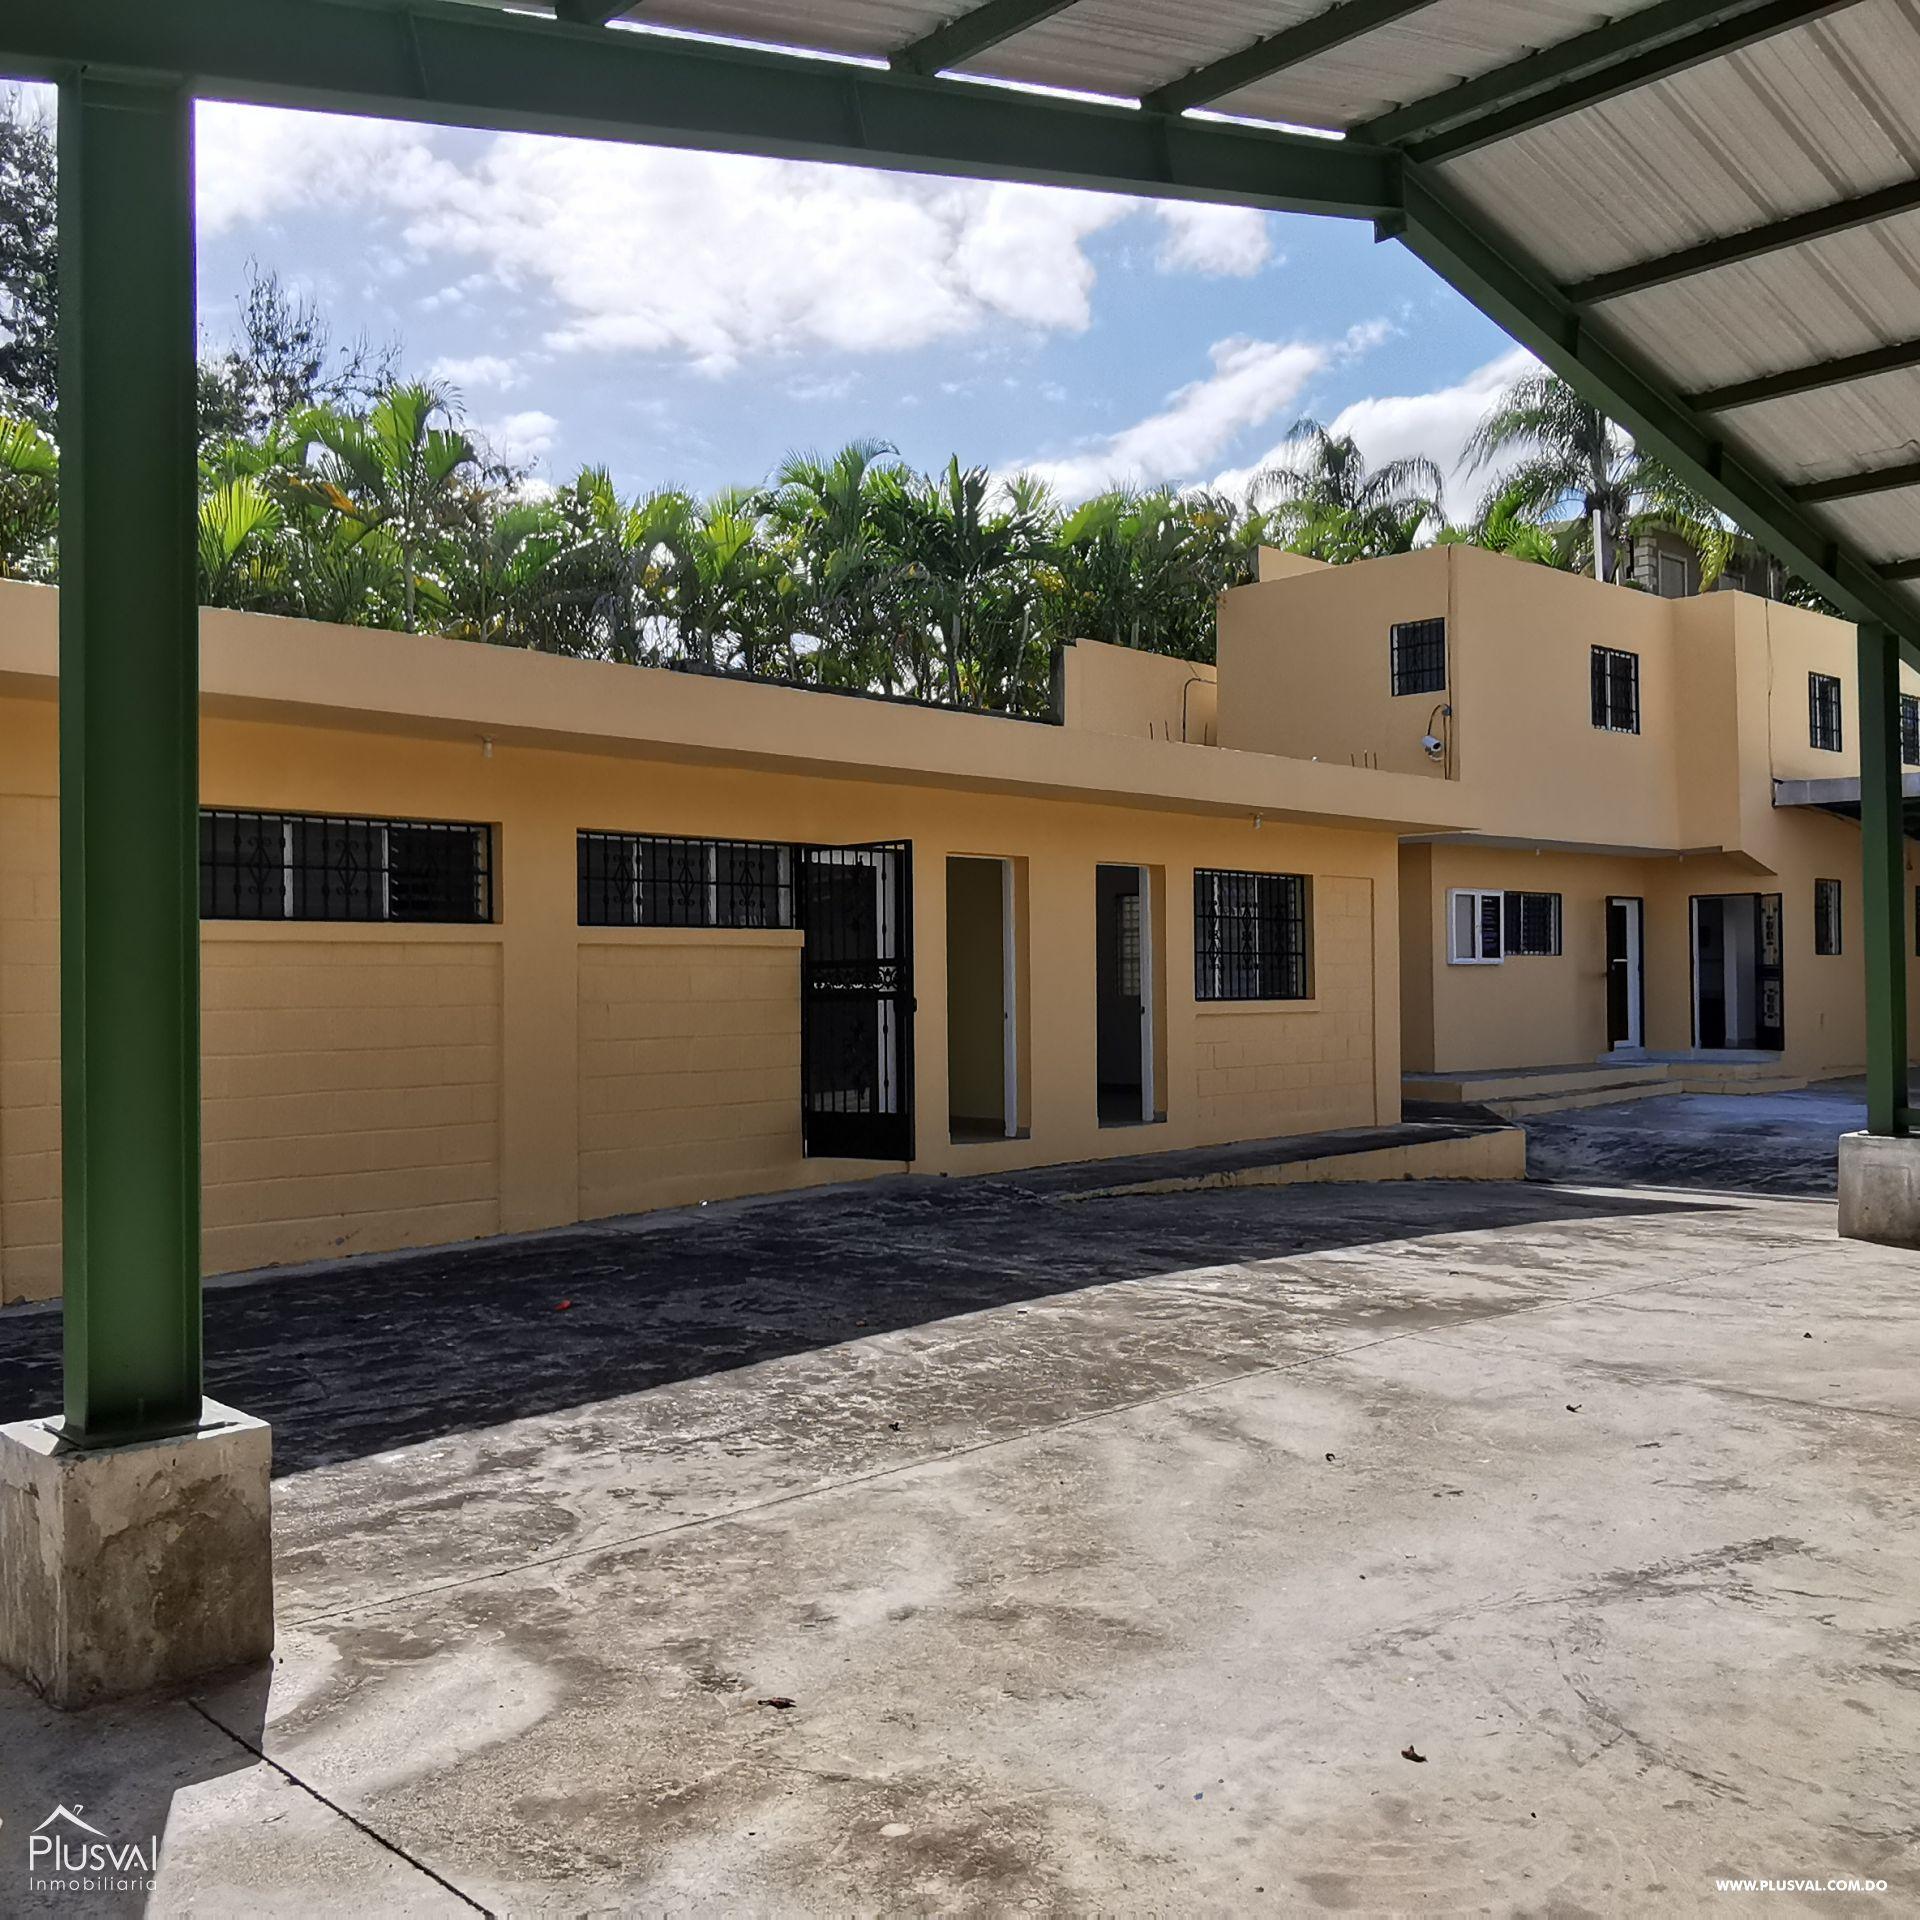 Alquiler Almacén-Nave Industrial con Oficinas y Parqueos en Arroyo Hondo 168568